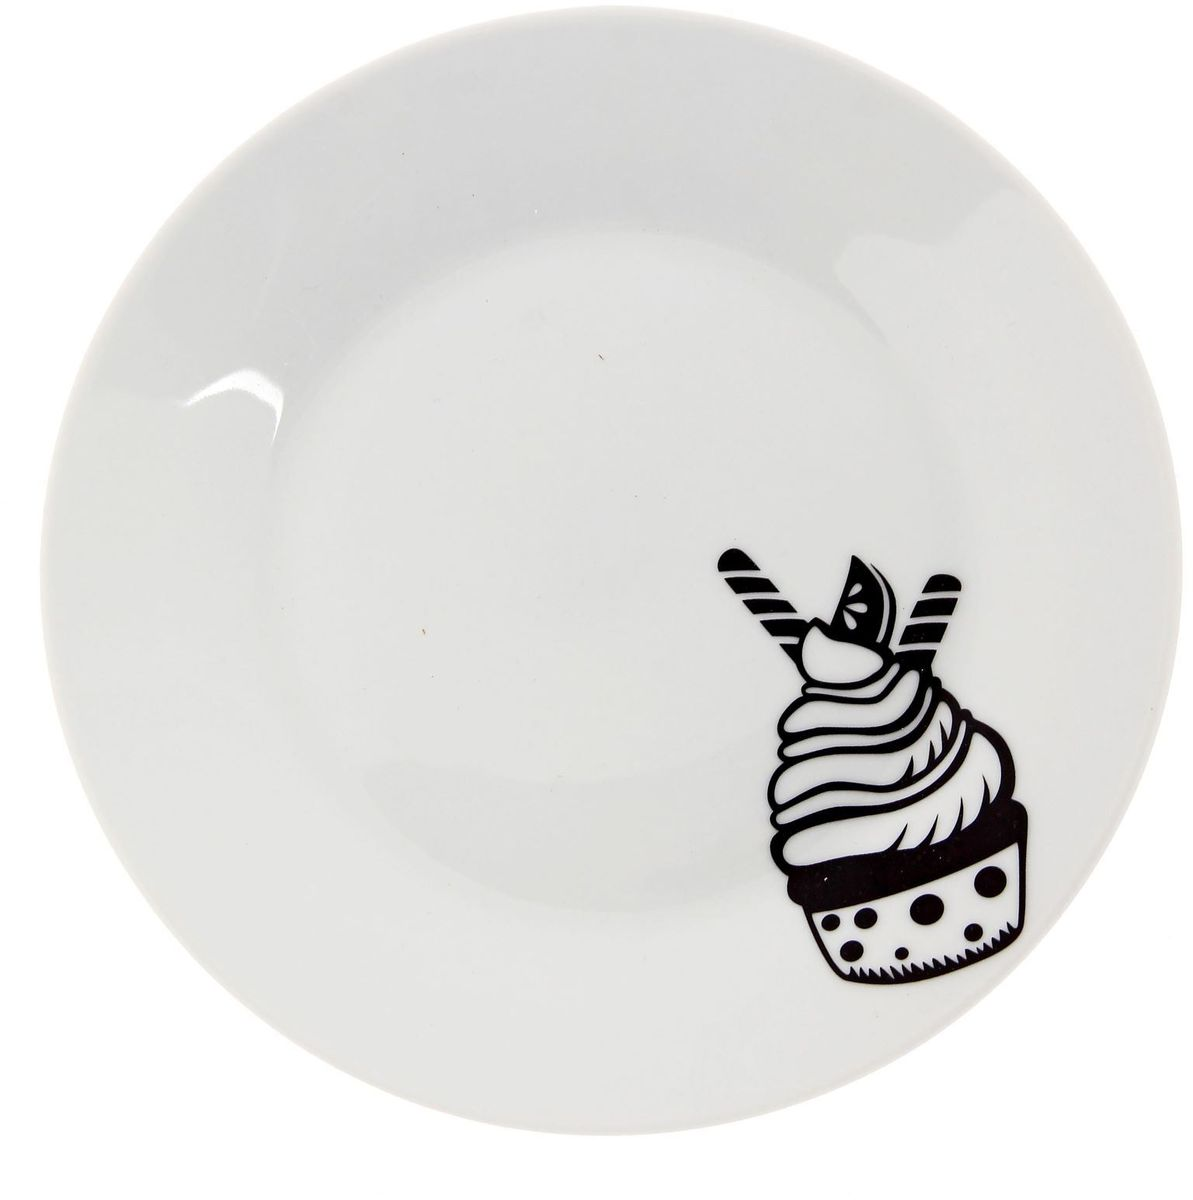 Тарелка мелкая Сотвори чудо Маффин, диаметр 20 см115510Хотите обновить интерьер кухни или гостиной? Устраиваете необычную фотосессию или тематический праздник? А может, просто ищете подарок для близкого человека? Посуда Сотвори Чудо — правильный выбор в любой ситуации. Тарелка Сотвори Чудо, изготовленная из изящного фаянса нежного сливочного цвета, оформлена оригинальным рисунком со стойкой краской. Пригодна для посудомоечной машины.